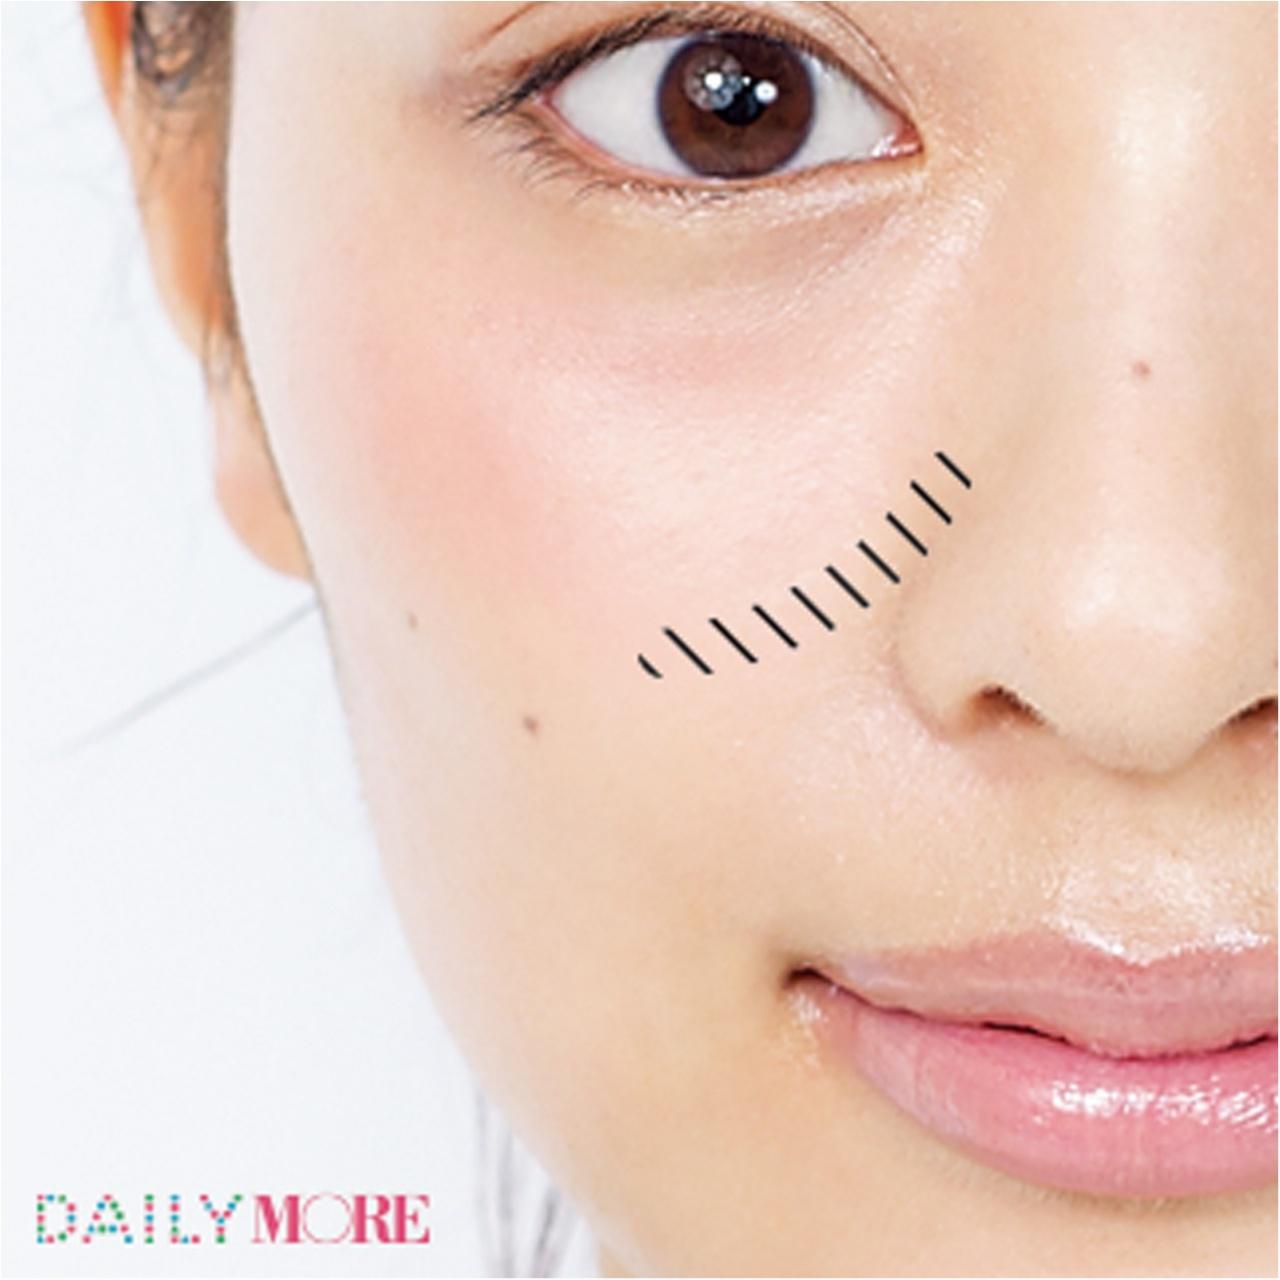 エラ張りの悩みを解消して小顔になれるテク - エラの張りがカバーできる前髪や眉メイク、セルフコルギ(マッサージ)など_13